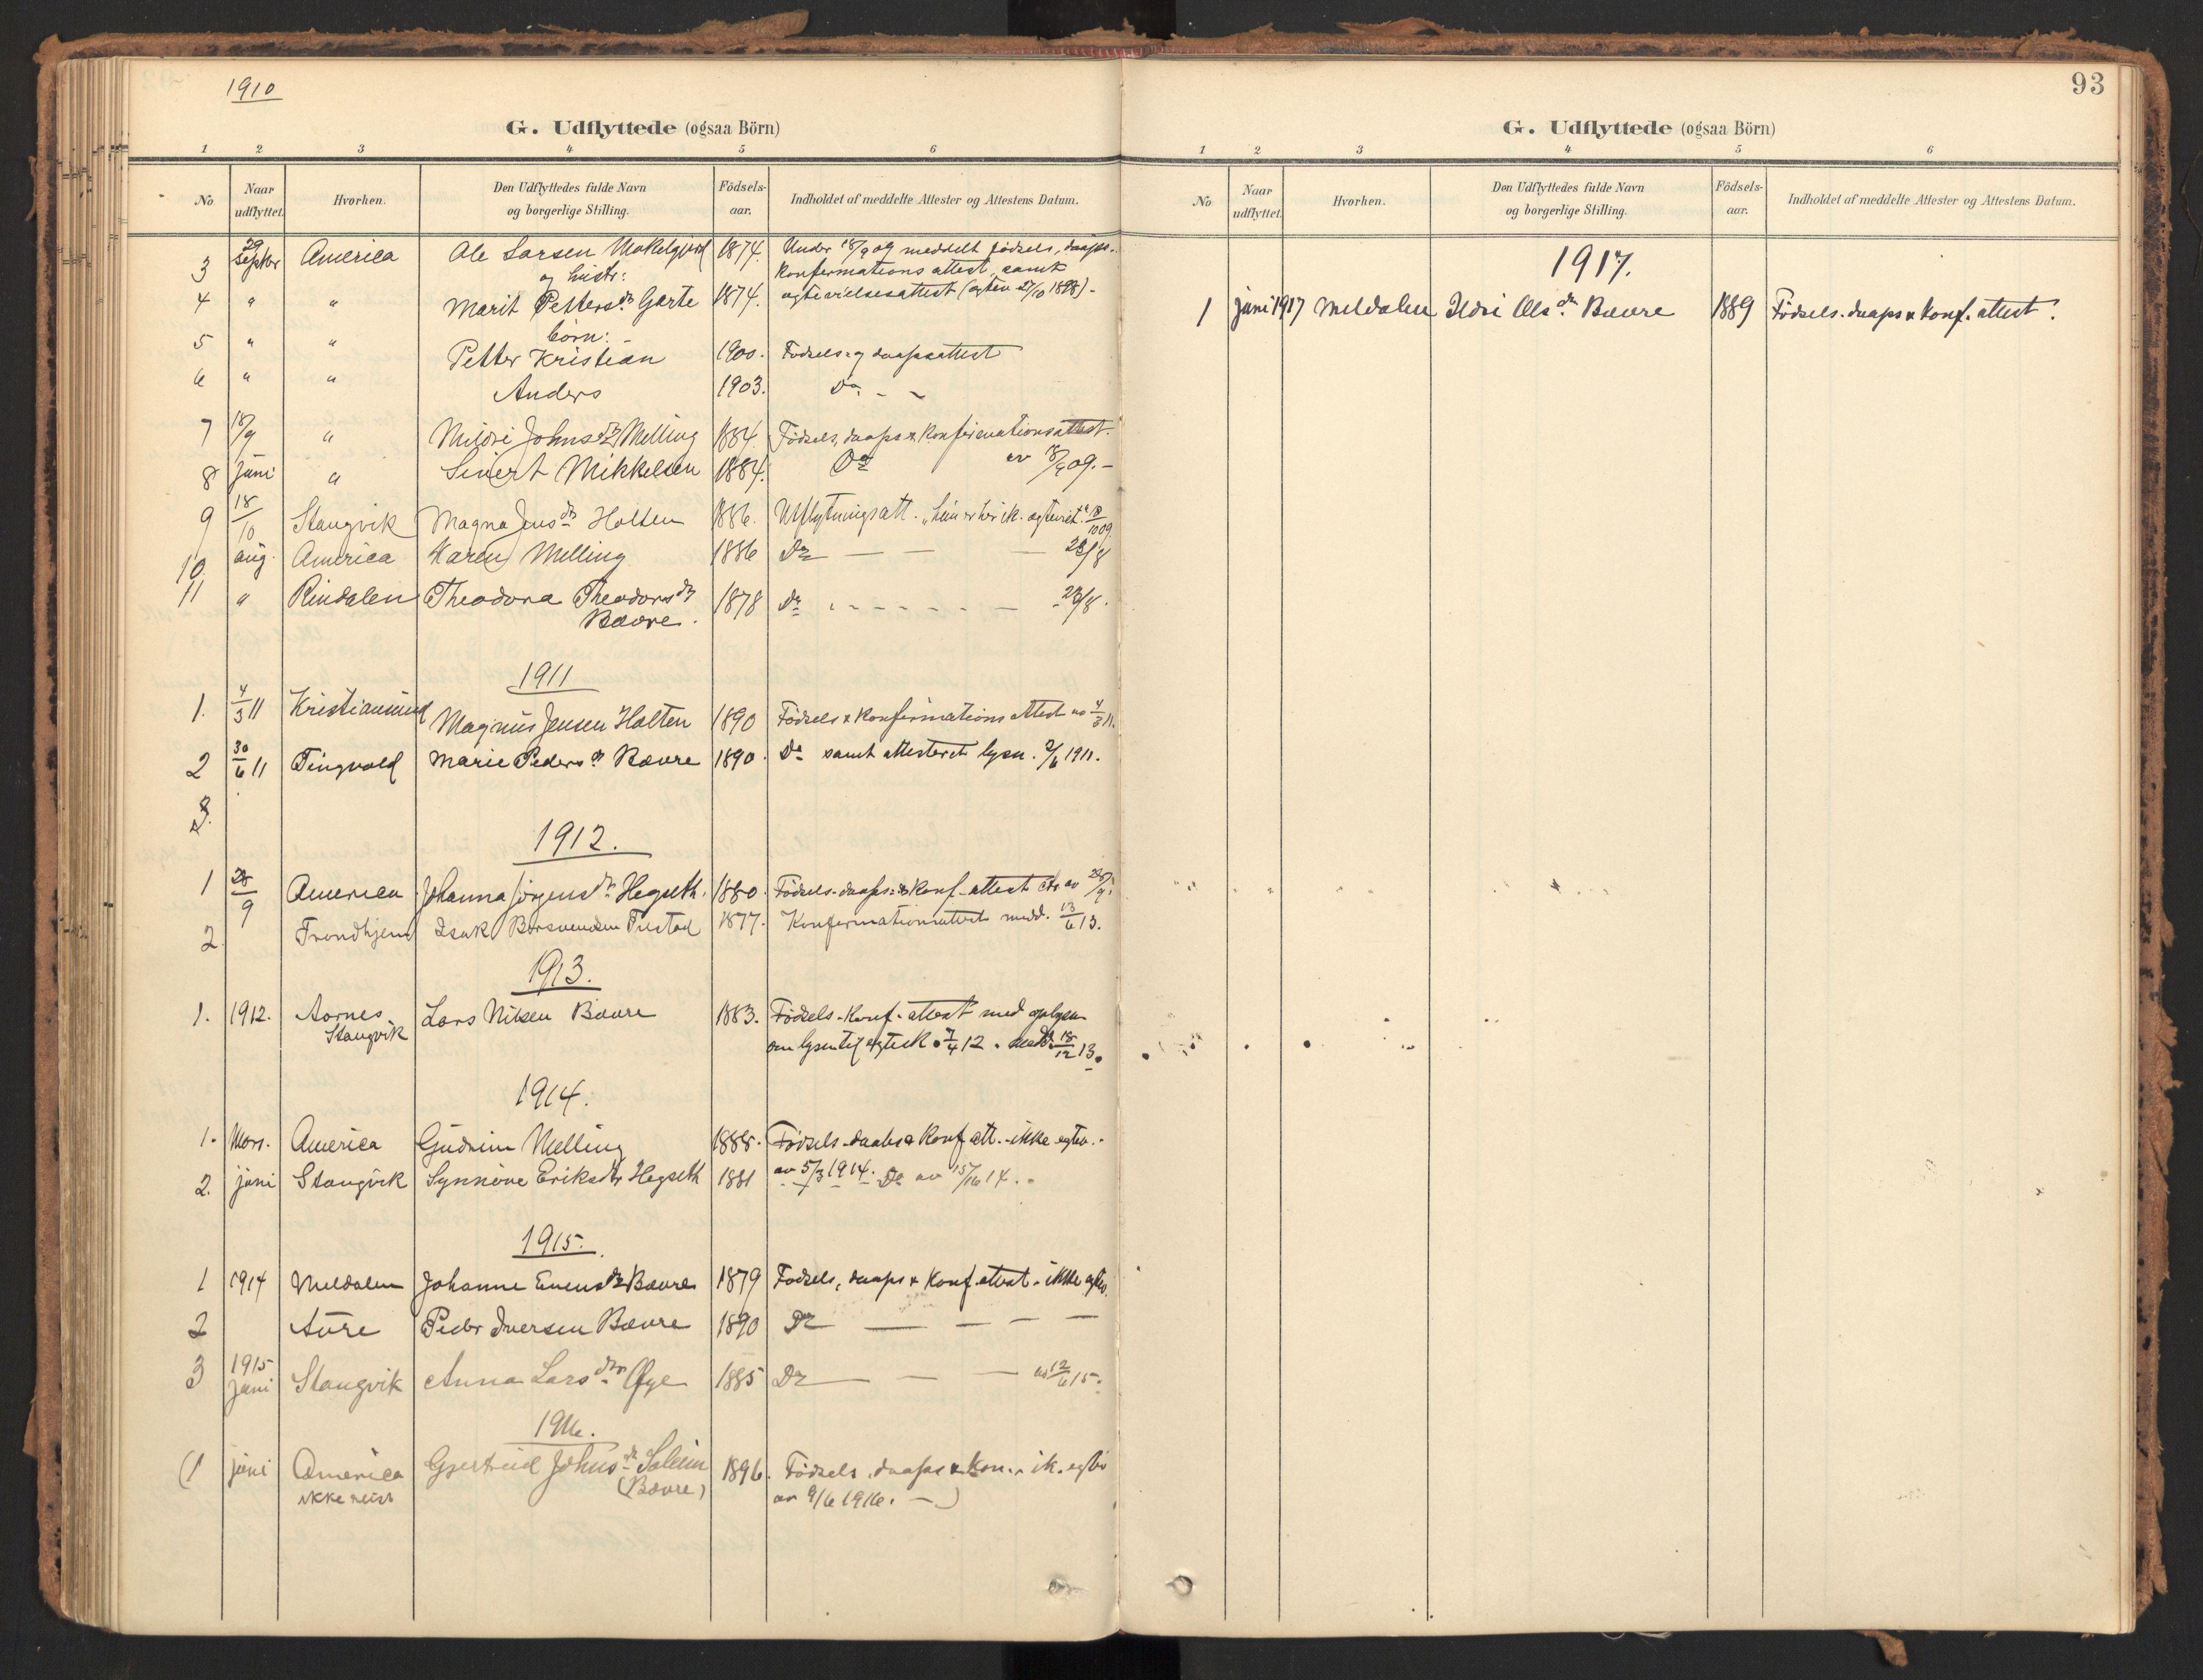 SAT, Ministerialprotokoller, klokkerbøker og fødselsregistre - Møre og Romsdal, 595/L1048: Ministerialbok nr. 595A10, 1900-1917, s. 93